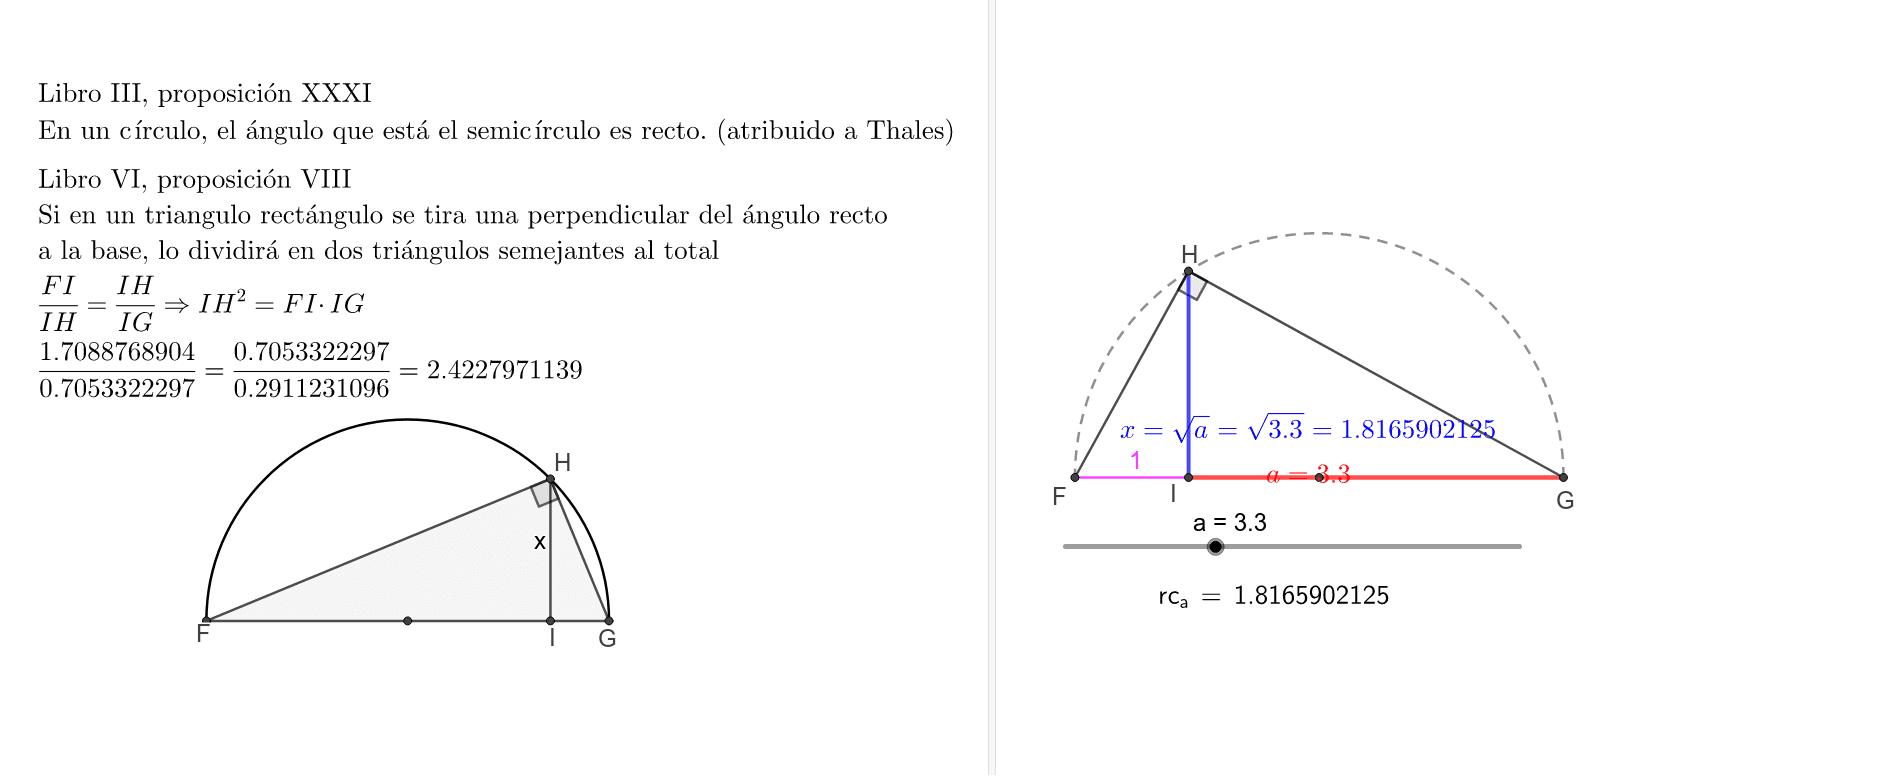 Cálculo de la raíz cuadrada de un número Presiona Intro para comenzar la actividad